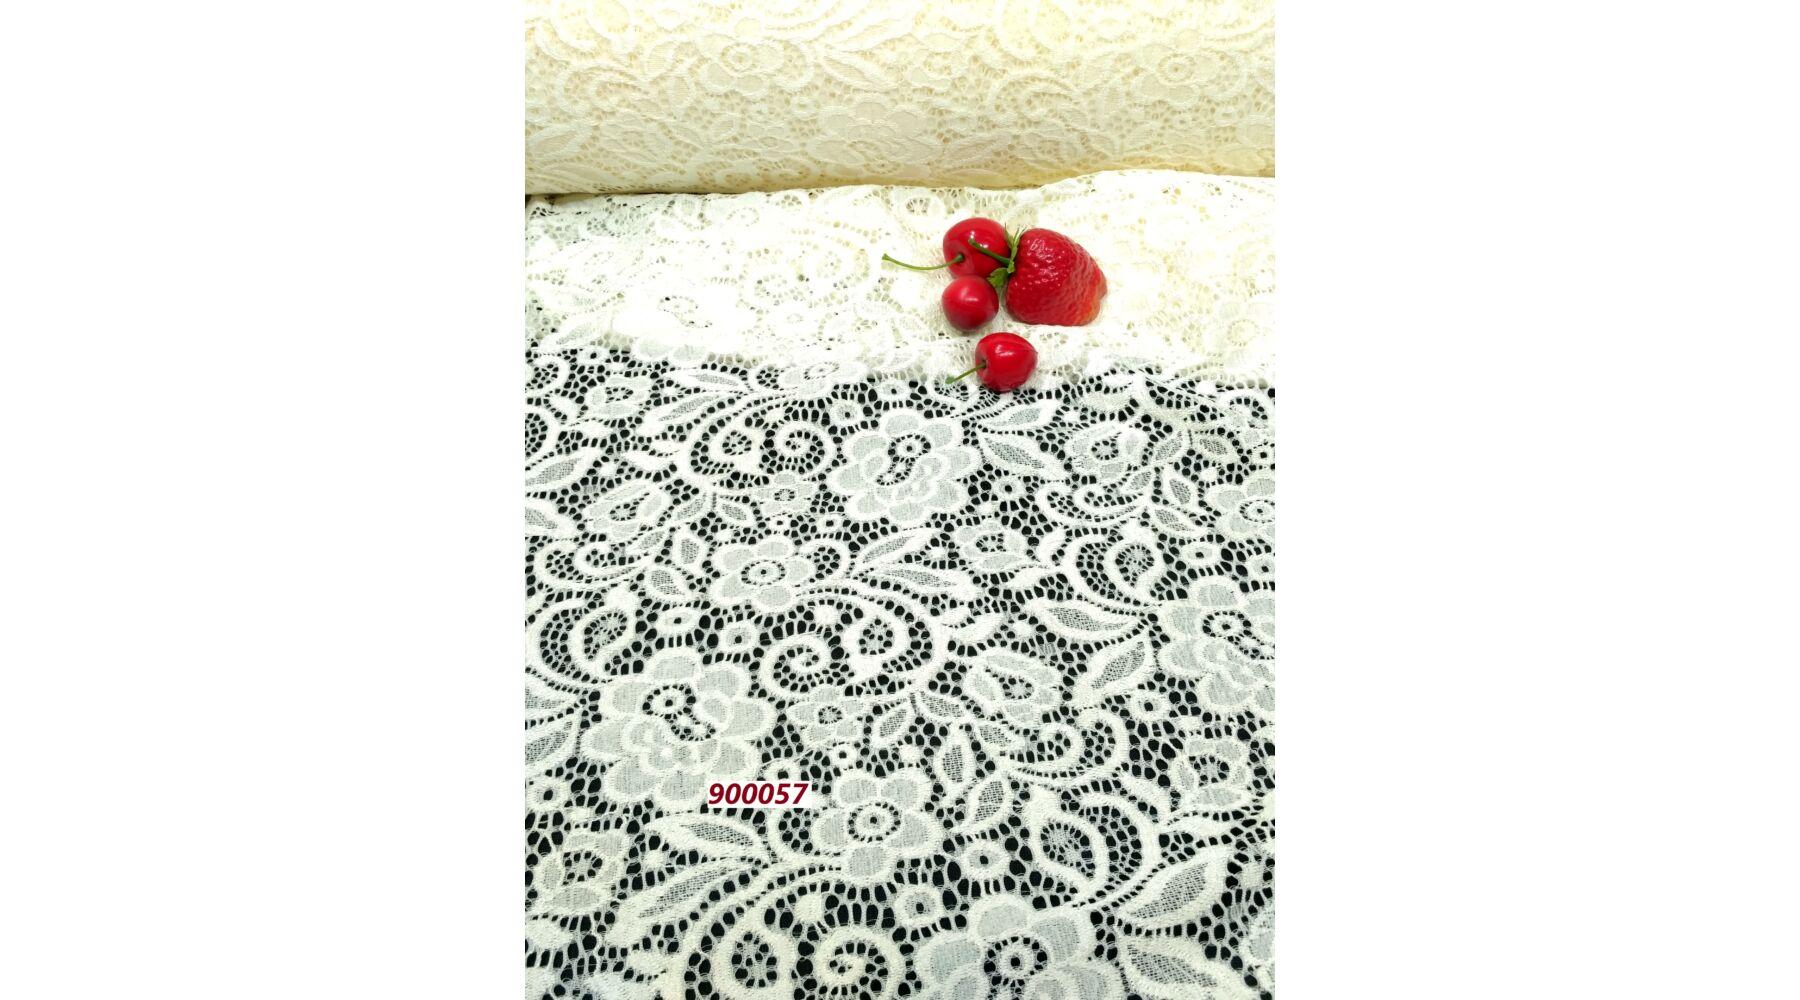 f252df5065 elasztikus csipke /kisvirágos /cream - Csipkék - K-ELME KFT - Textil ...